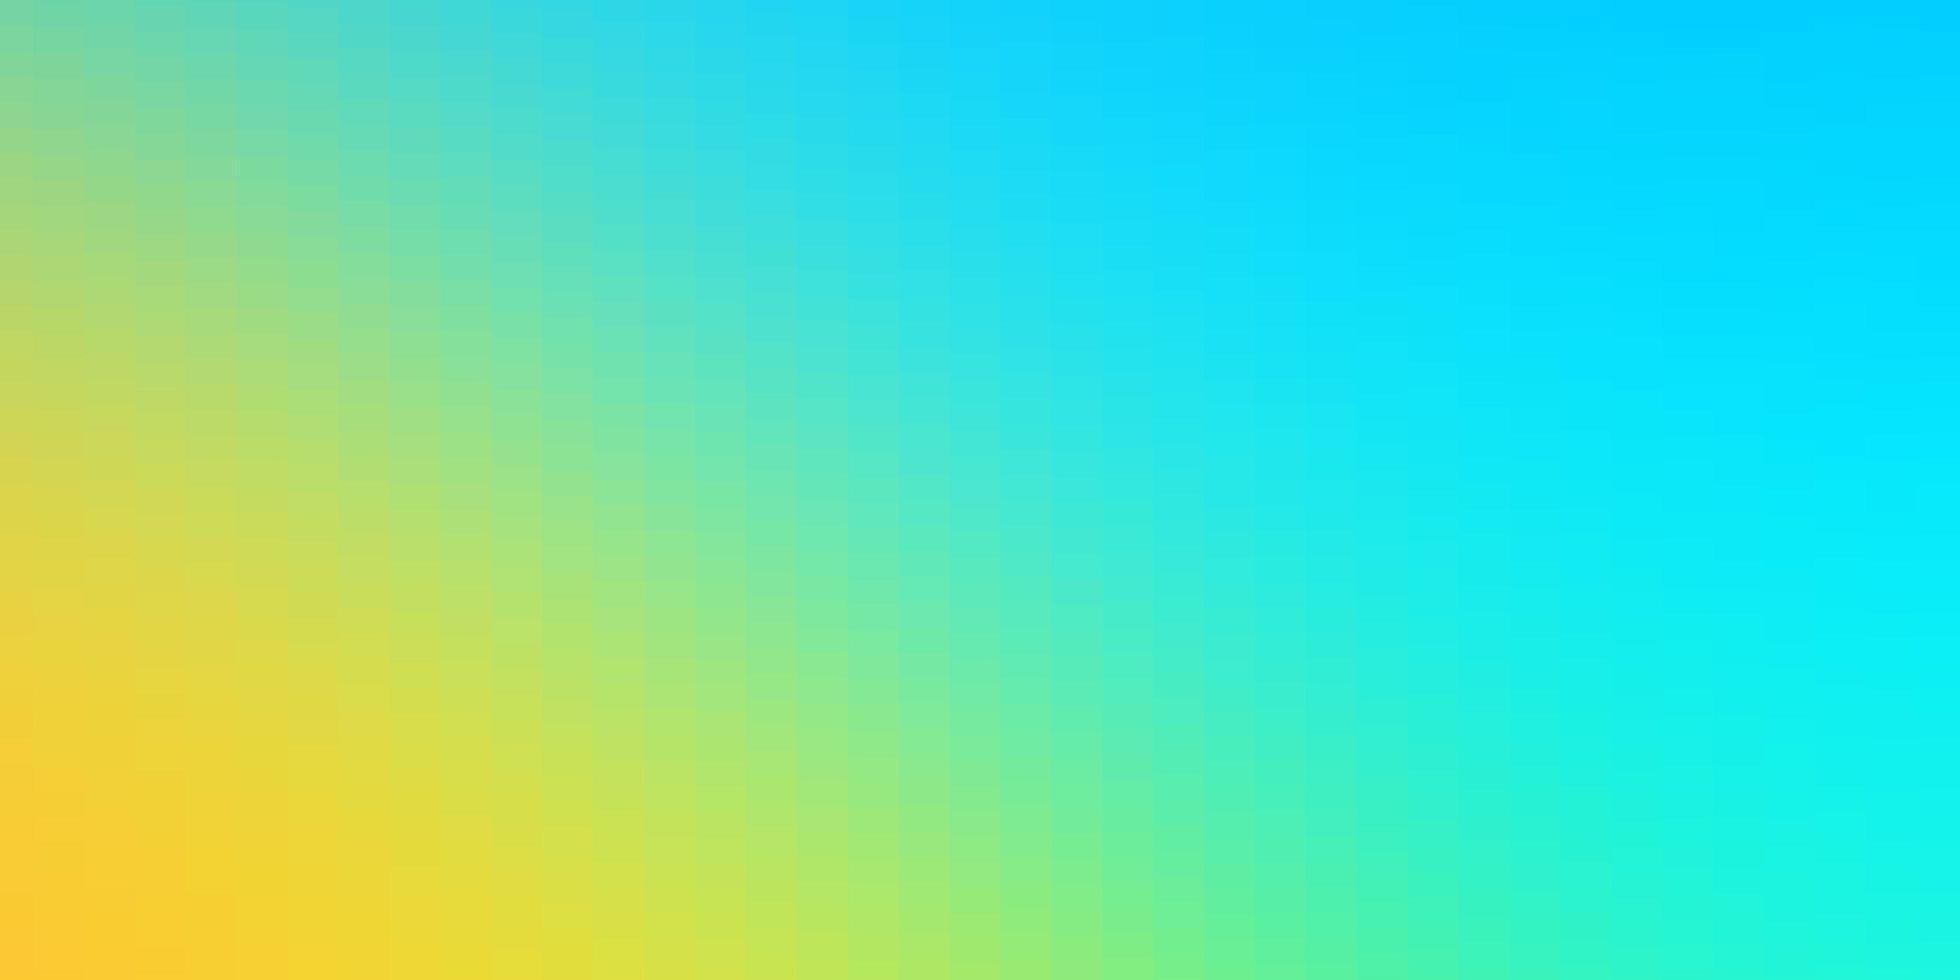 hellblaue, gelbe Schablone mit Rechtecken. vektor